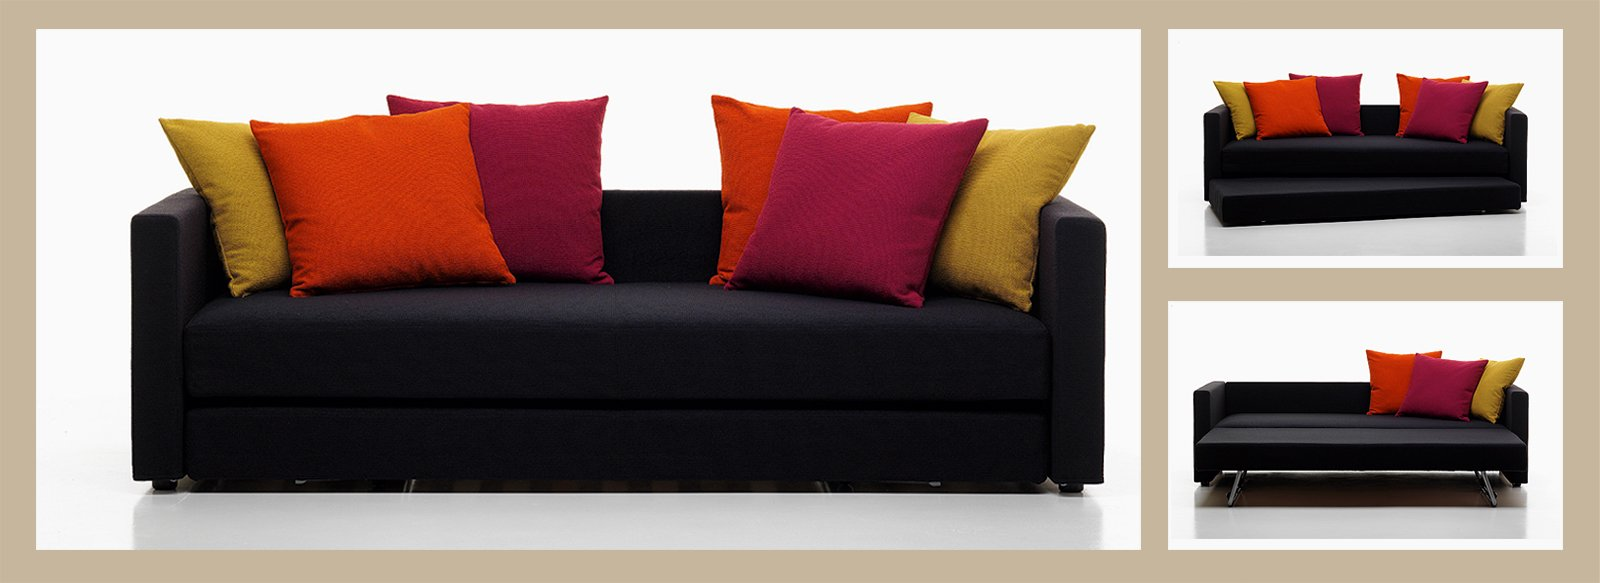 Divano o letto imbottiti trasformabili cose di casa - Ikea cuscini letto ...